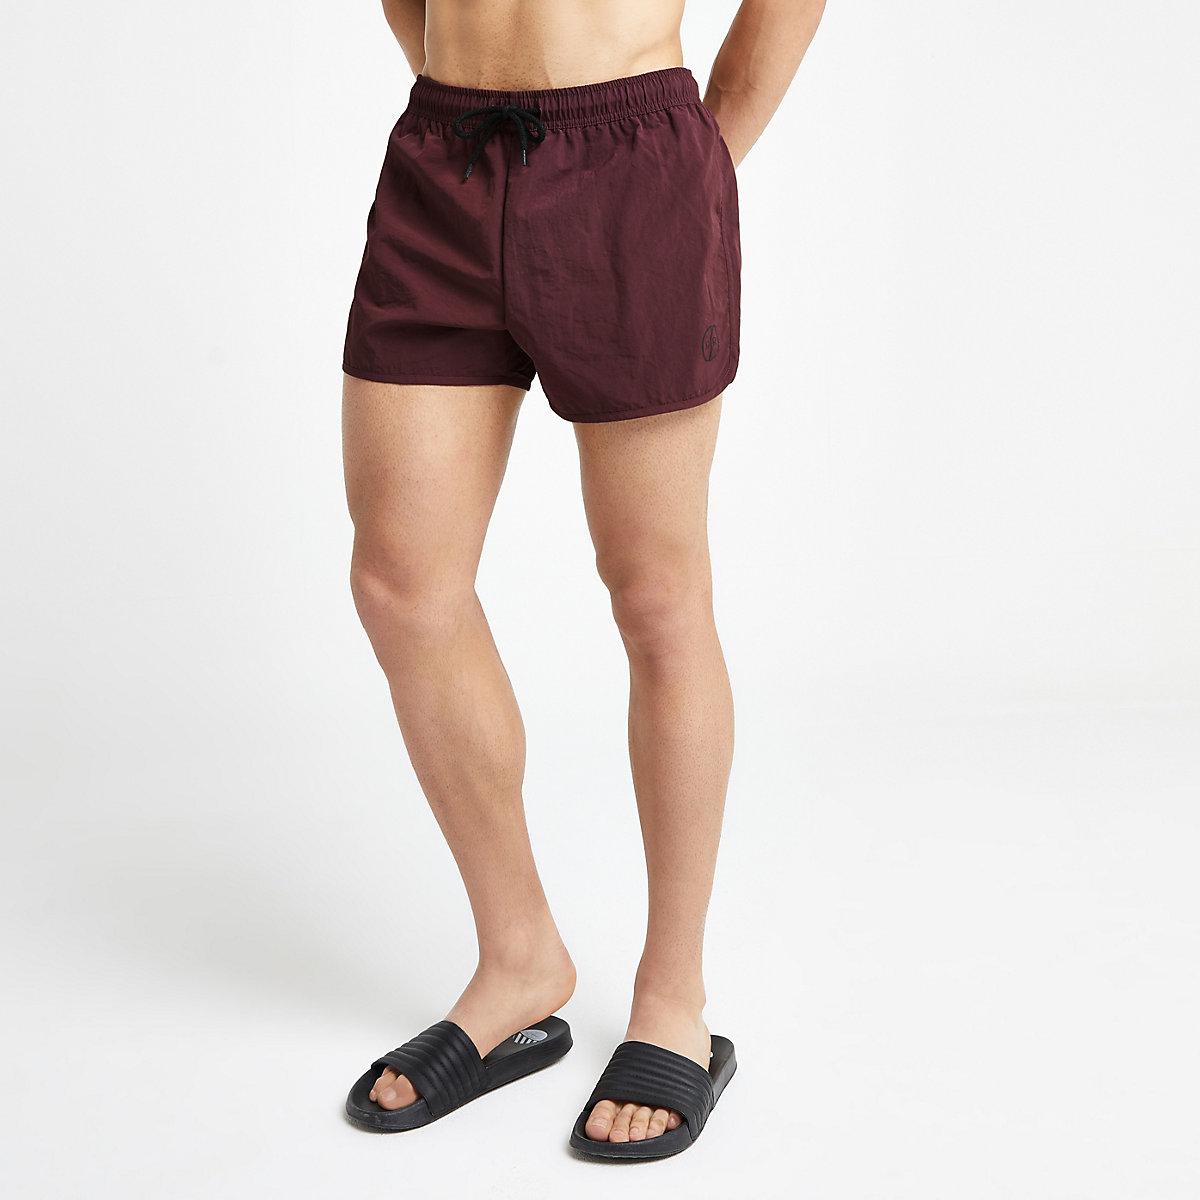 Burgundy runner swim shorts